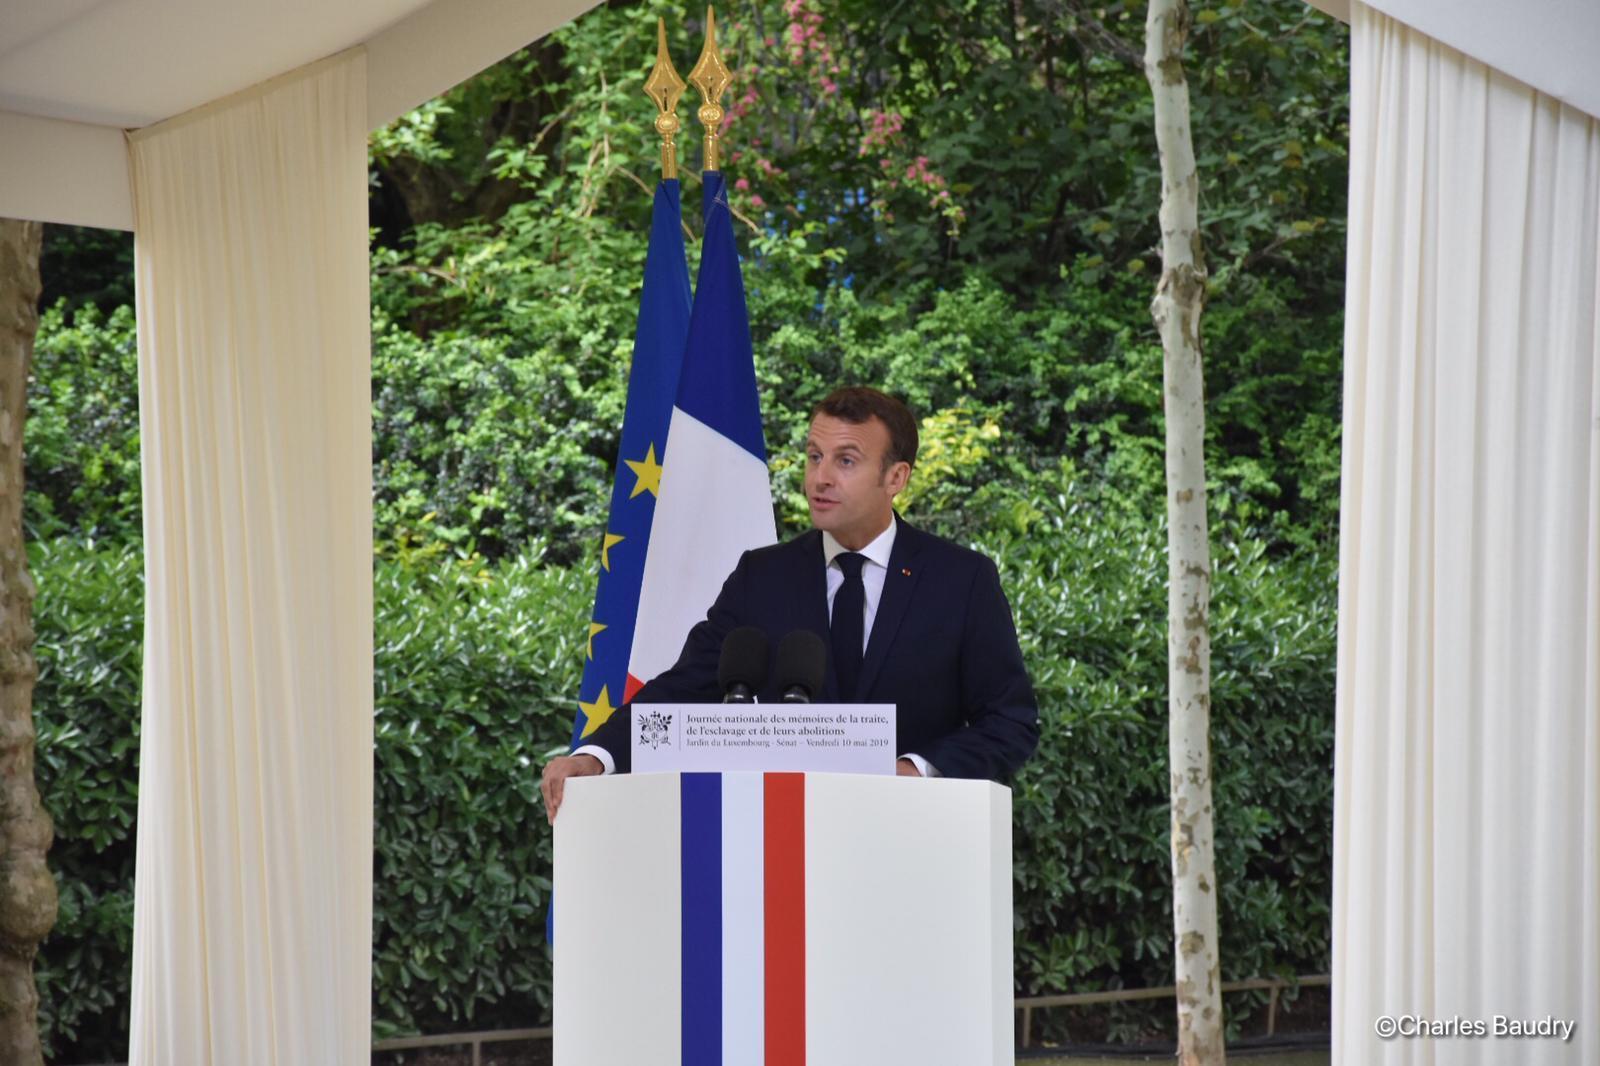 10 mai : Emmanuel Macron et cinq ministres marqueront lundi la Journée sur l'esclavage et les 20 ans de la loi Taubira